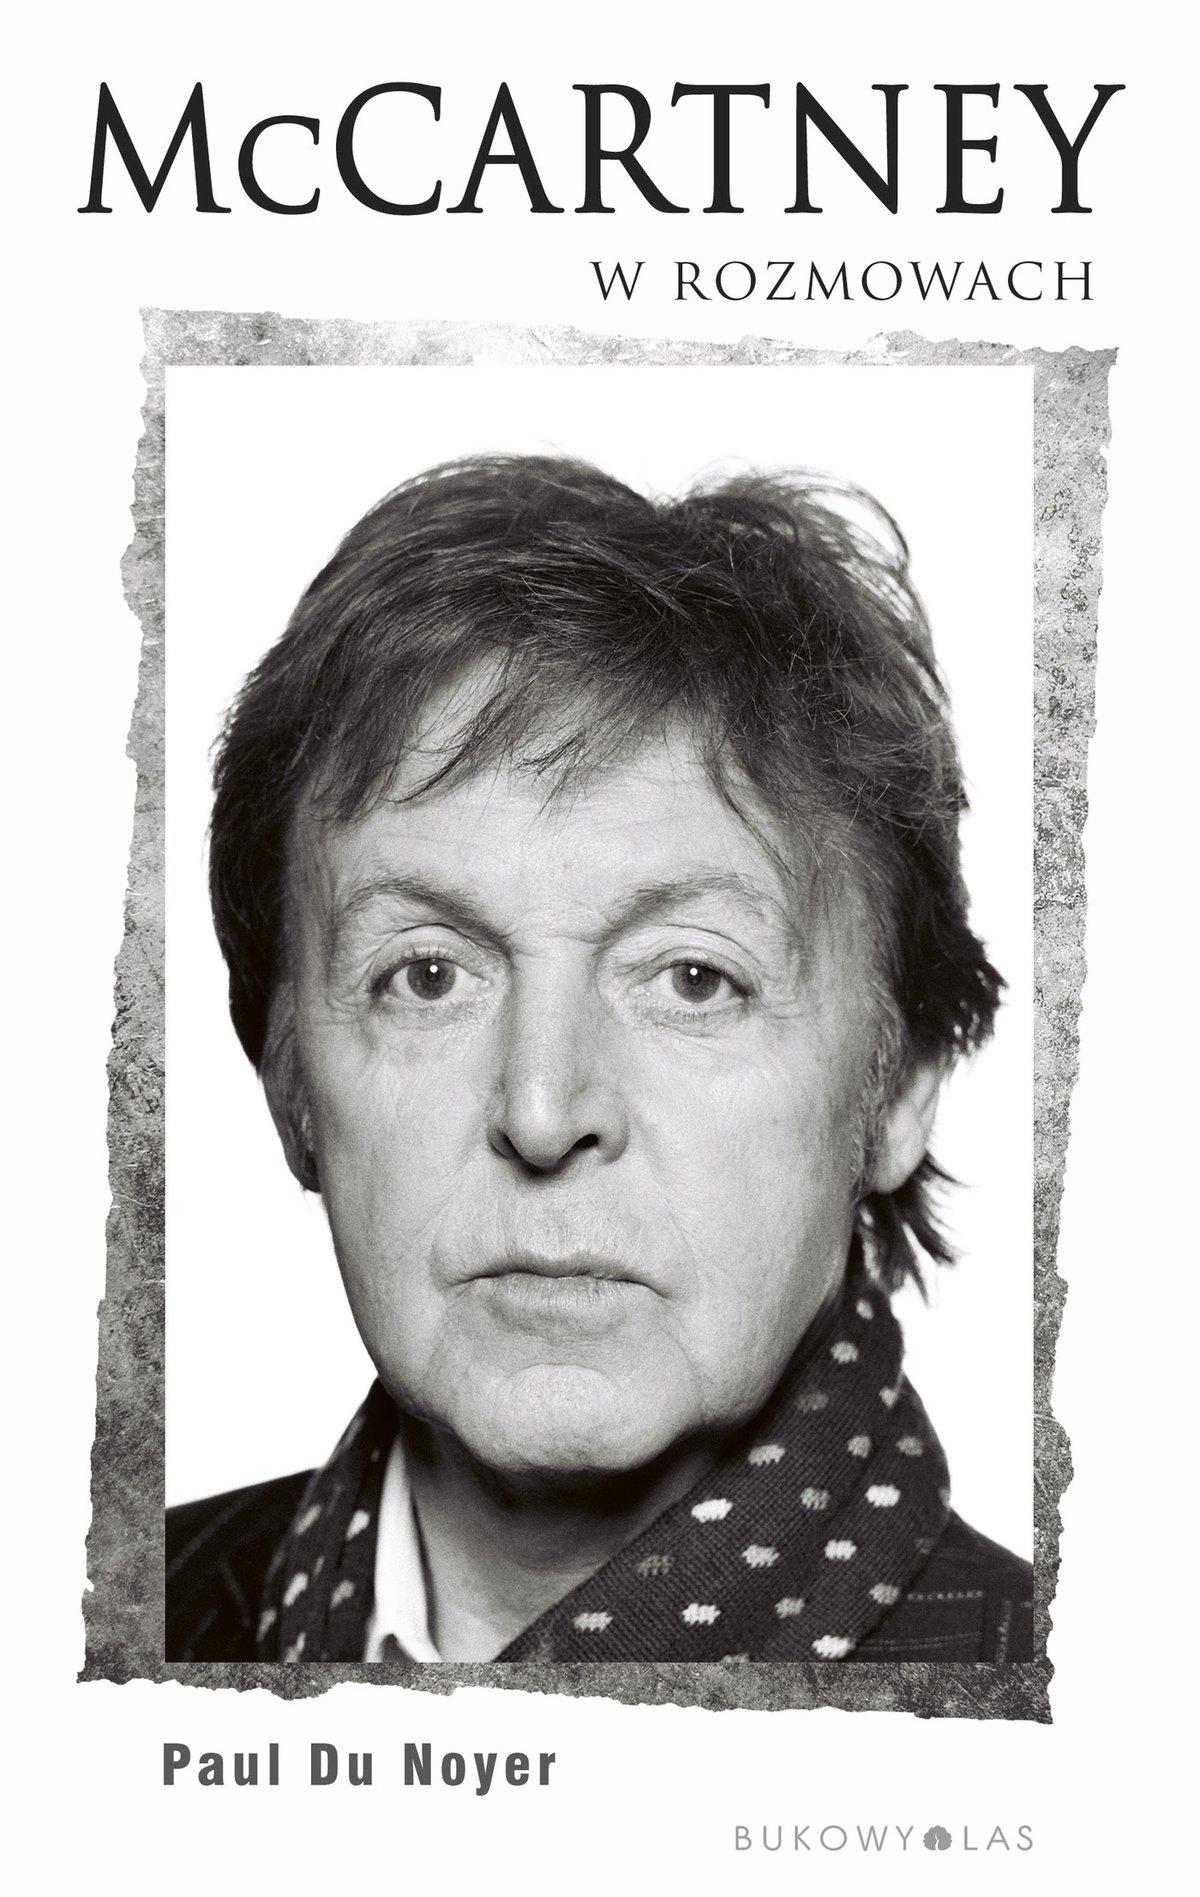 McCartney w rozmowach - Ebook (Książka EPUB) do pobrania w formacie EPUB